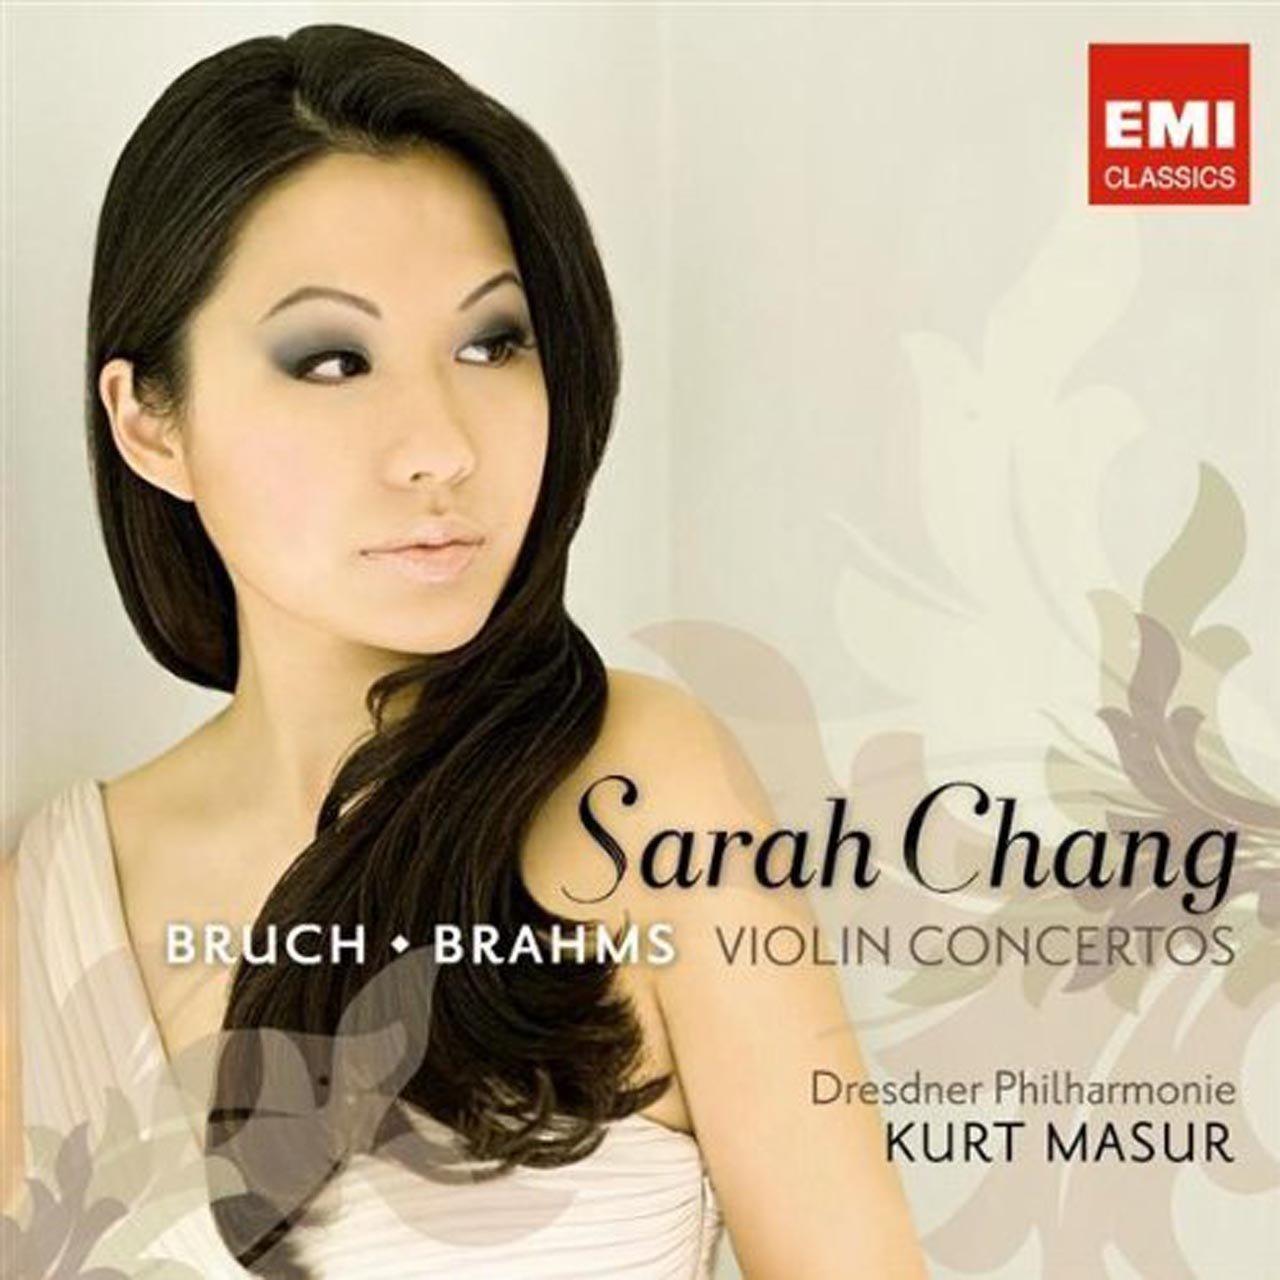 布鲁赫g小调小提琴协奏曲谱子分享展示